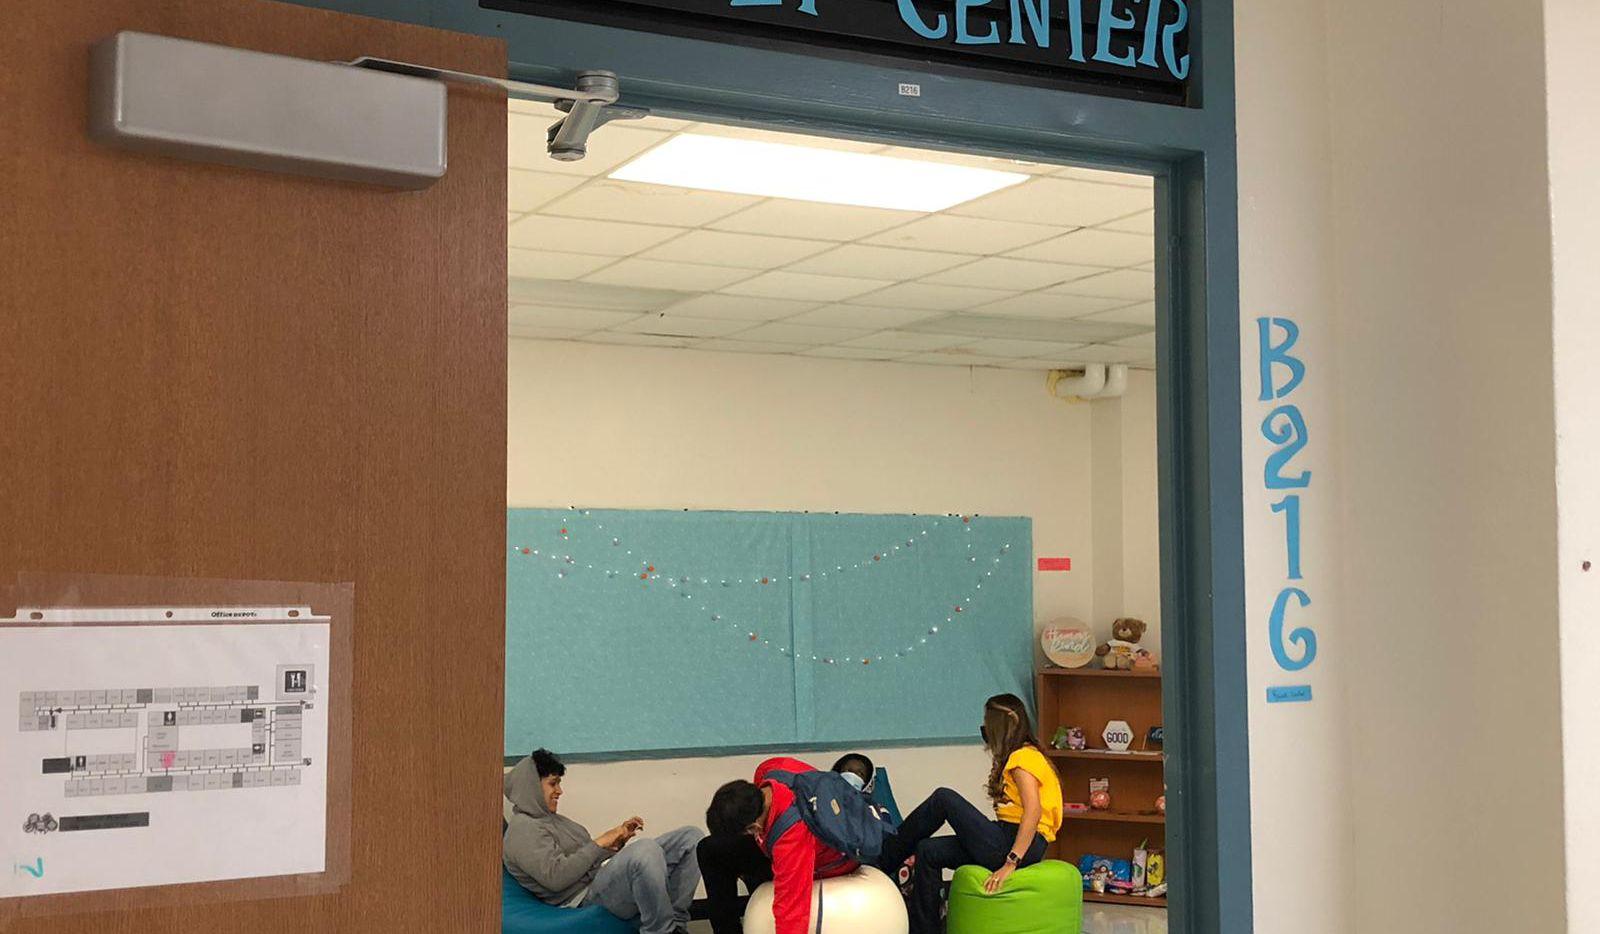 El Reset Center de Thomas Jefferson es una de varias aulas terapéuticas en el distrito escolar de Dallas que busca calmar a los estudiantes en lugar de aplicar sanciones disciplinarias.